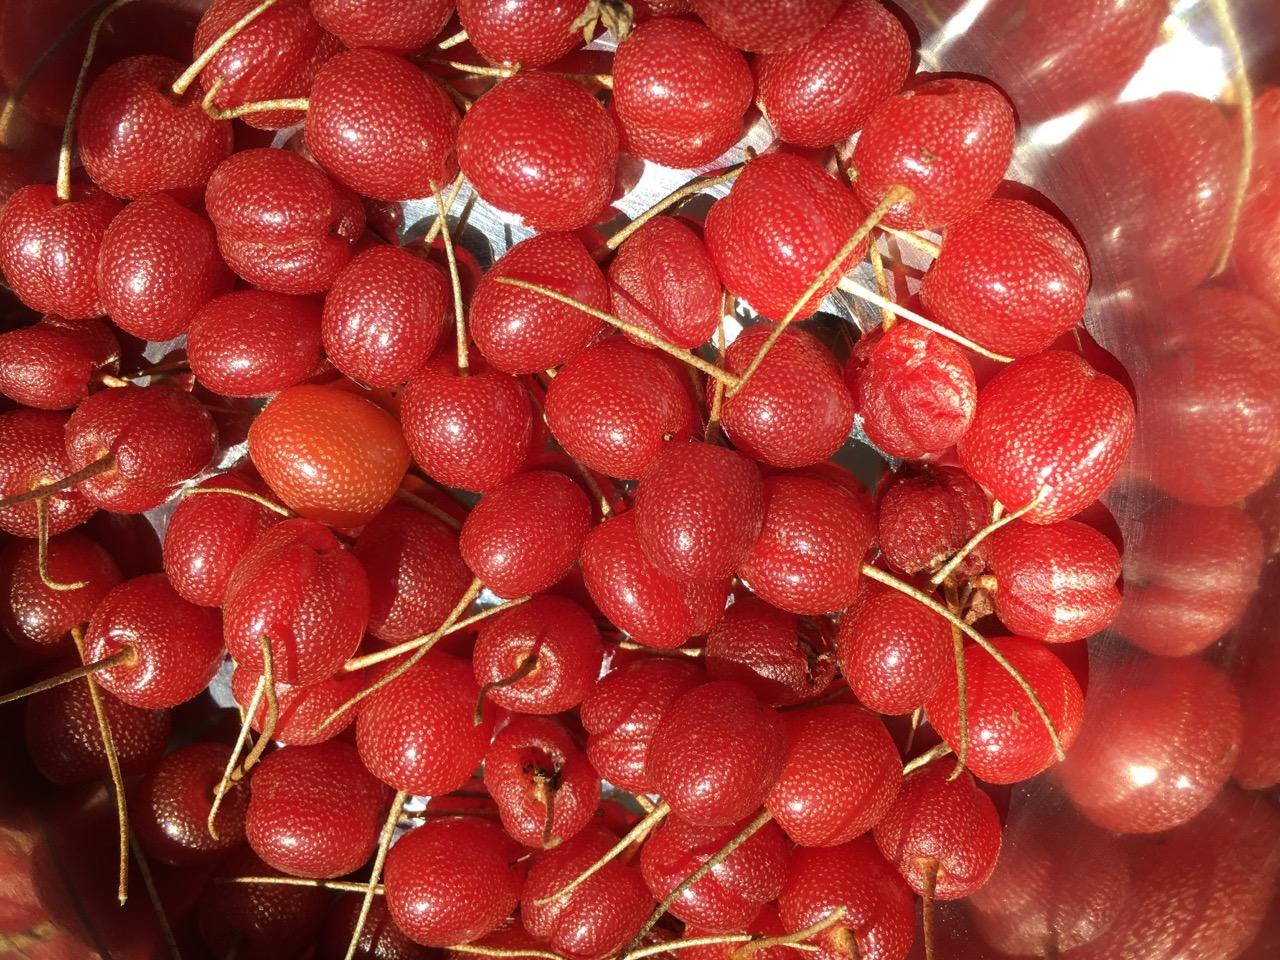 Unusual Edible Fruit - Sweet Scarlet Goumi